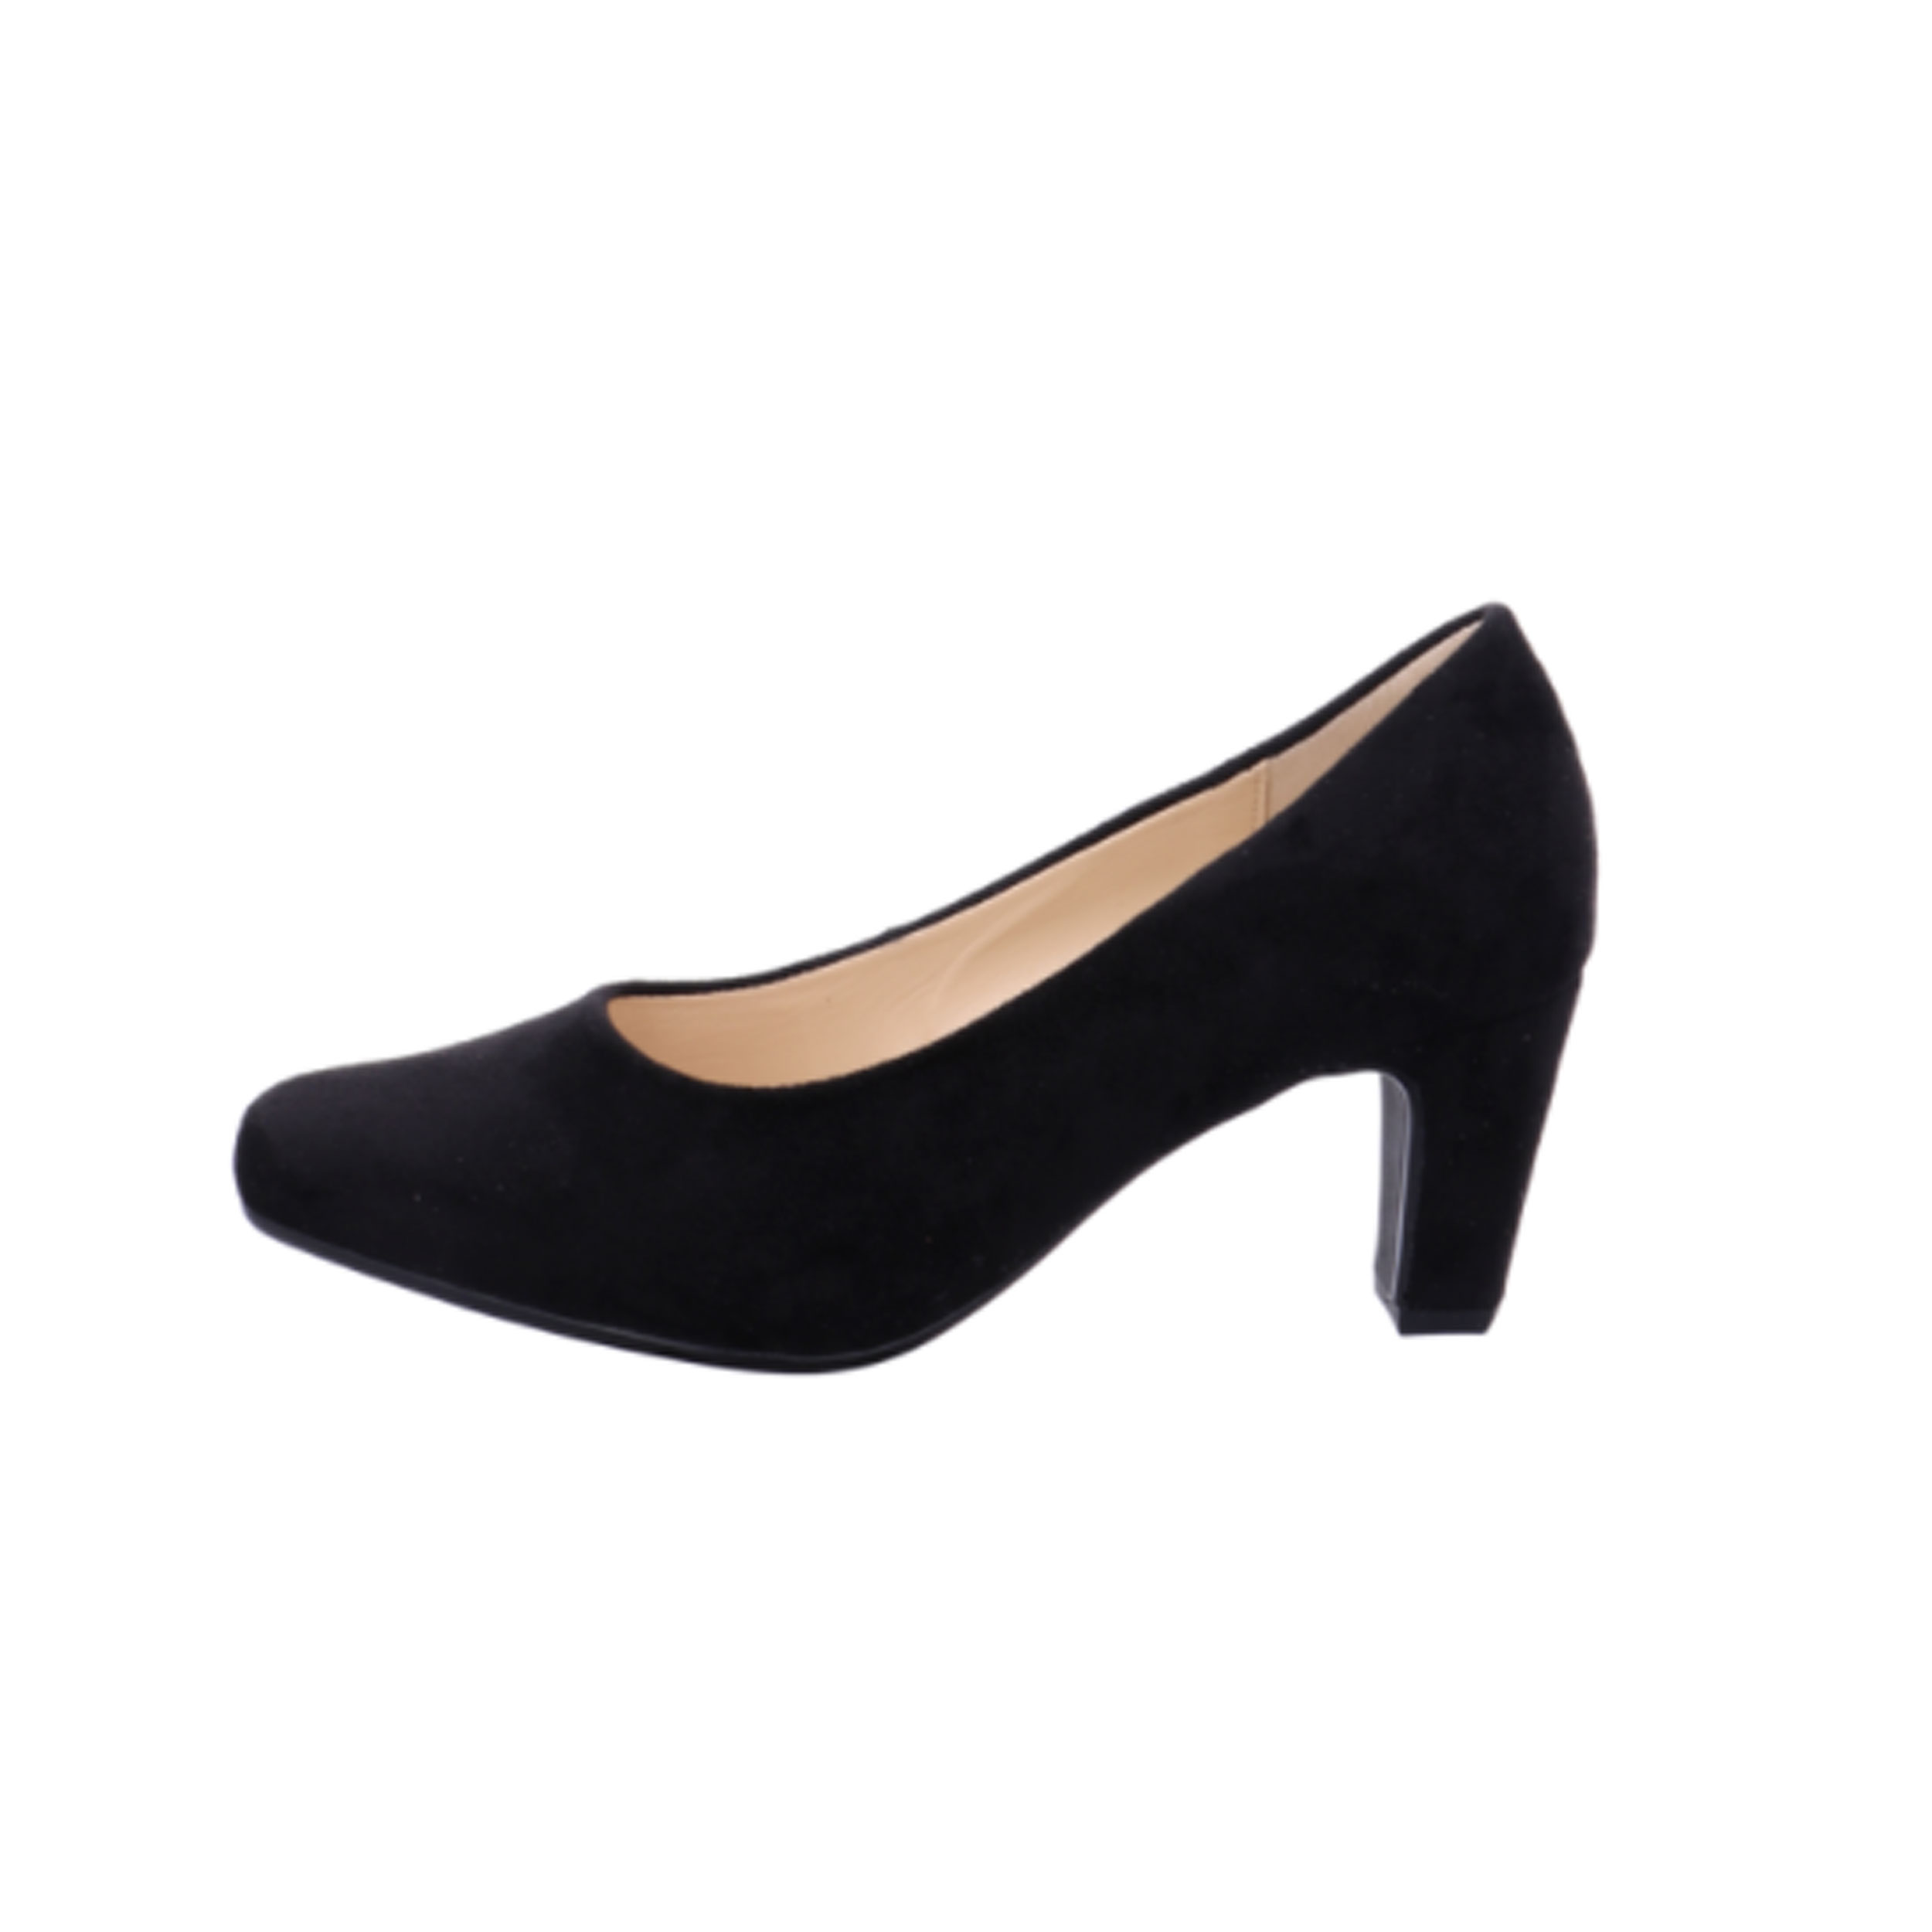 کفش زنانه گابور مدل 31.490.47